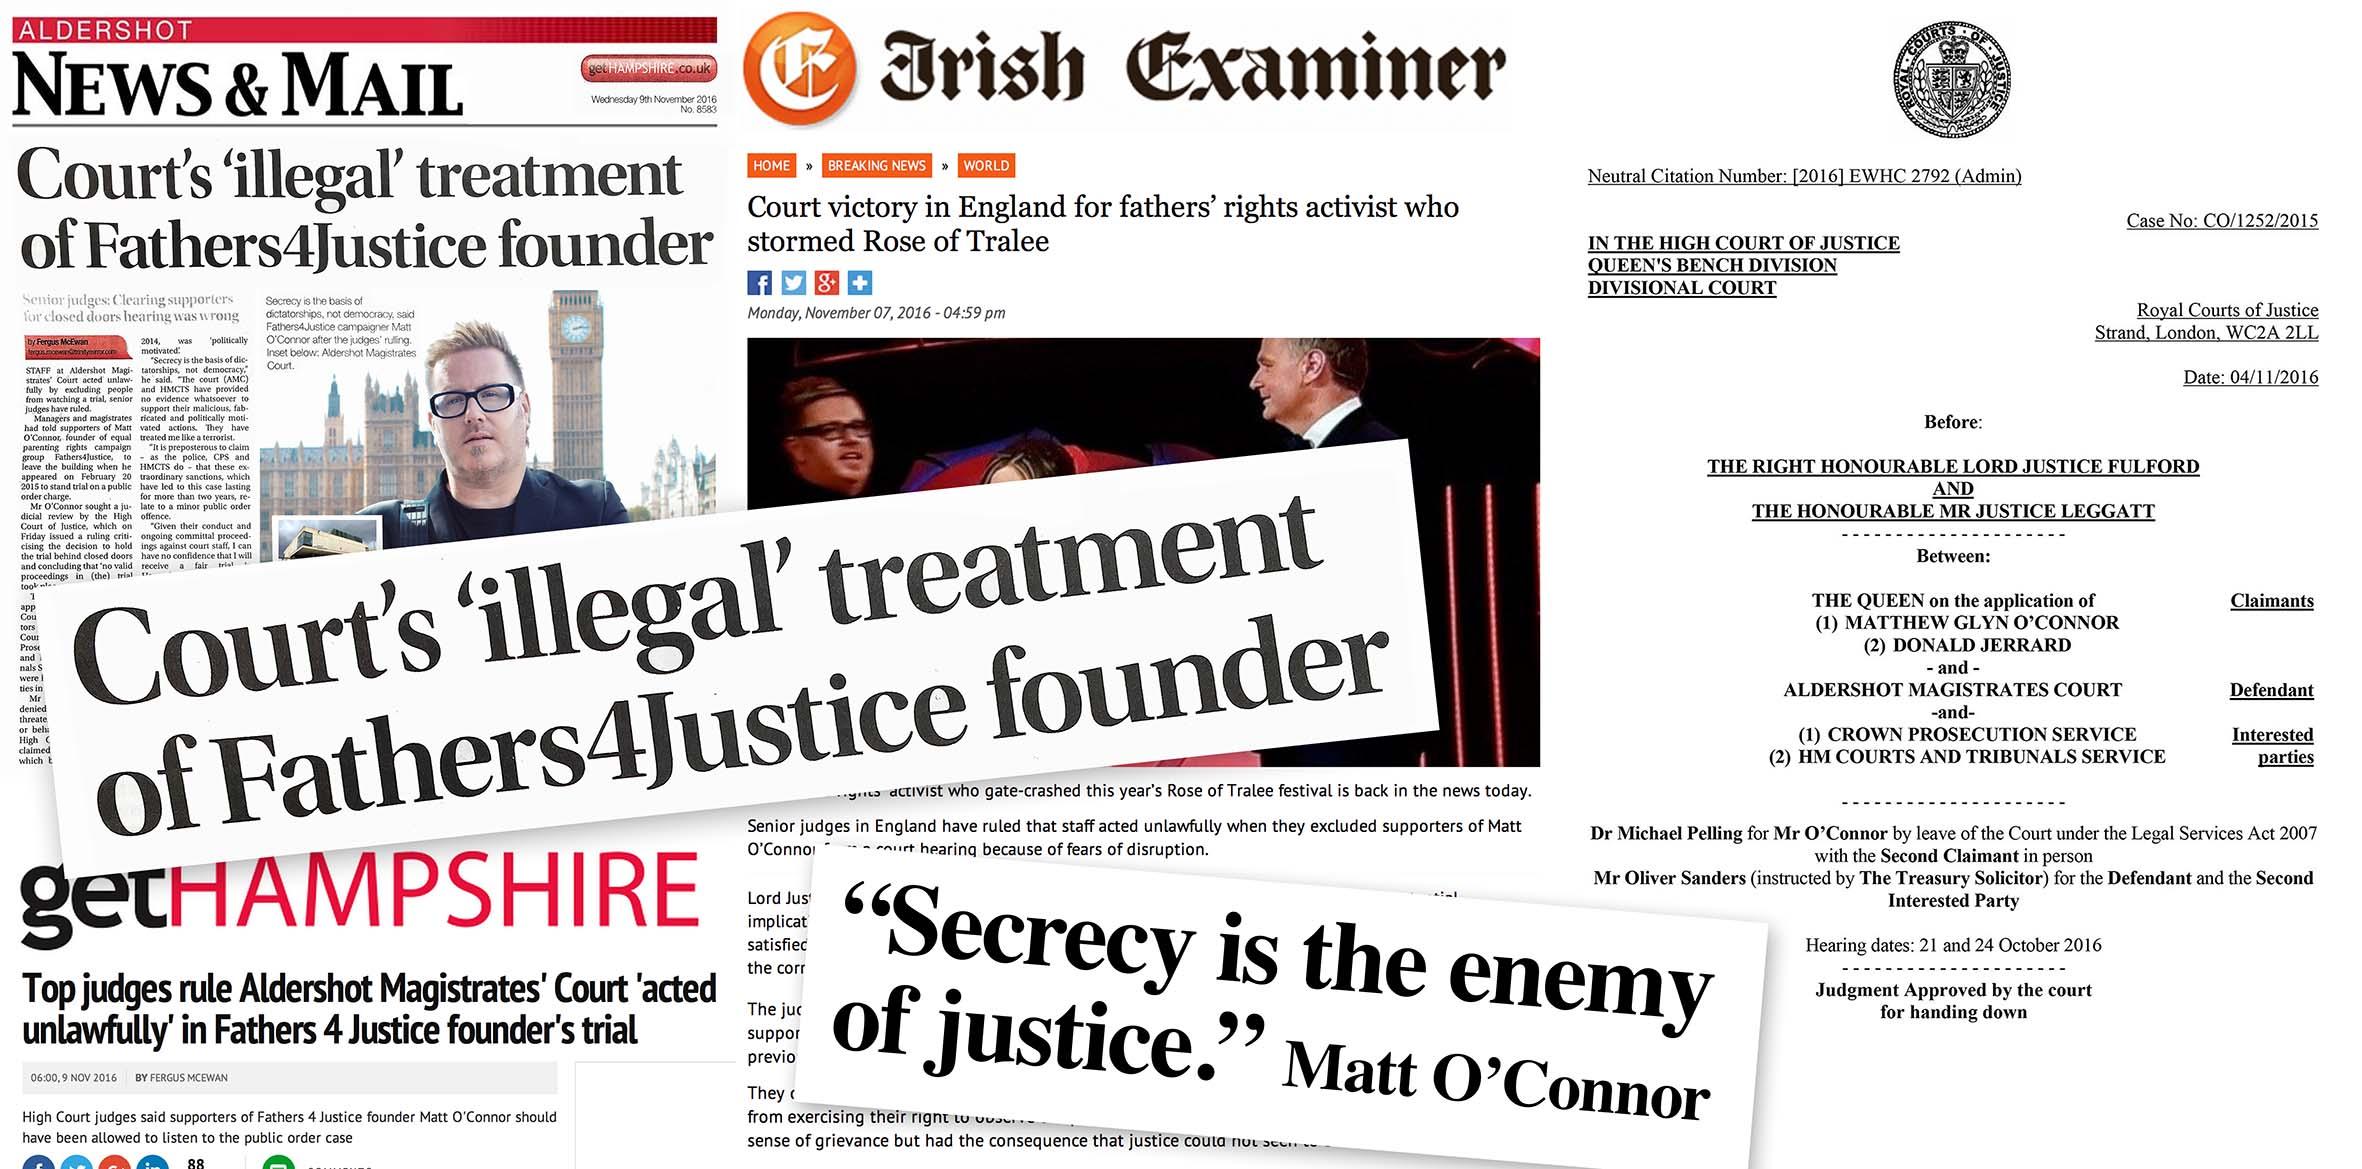 judicial-review-pr-summary